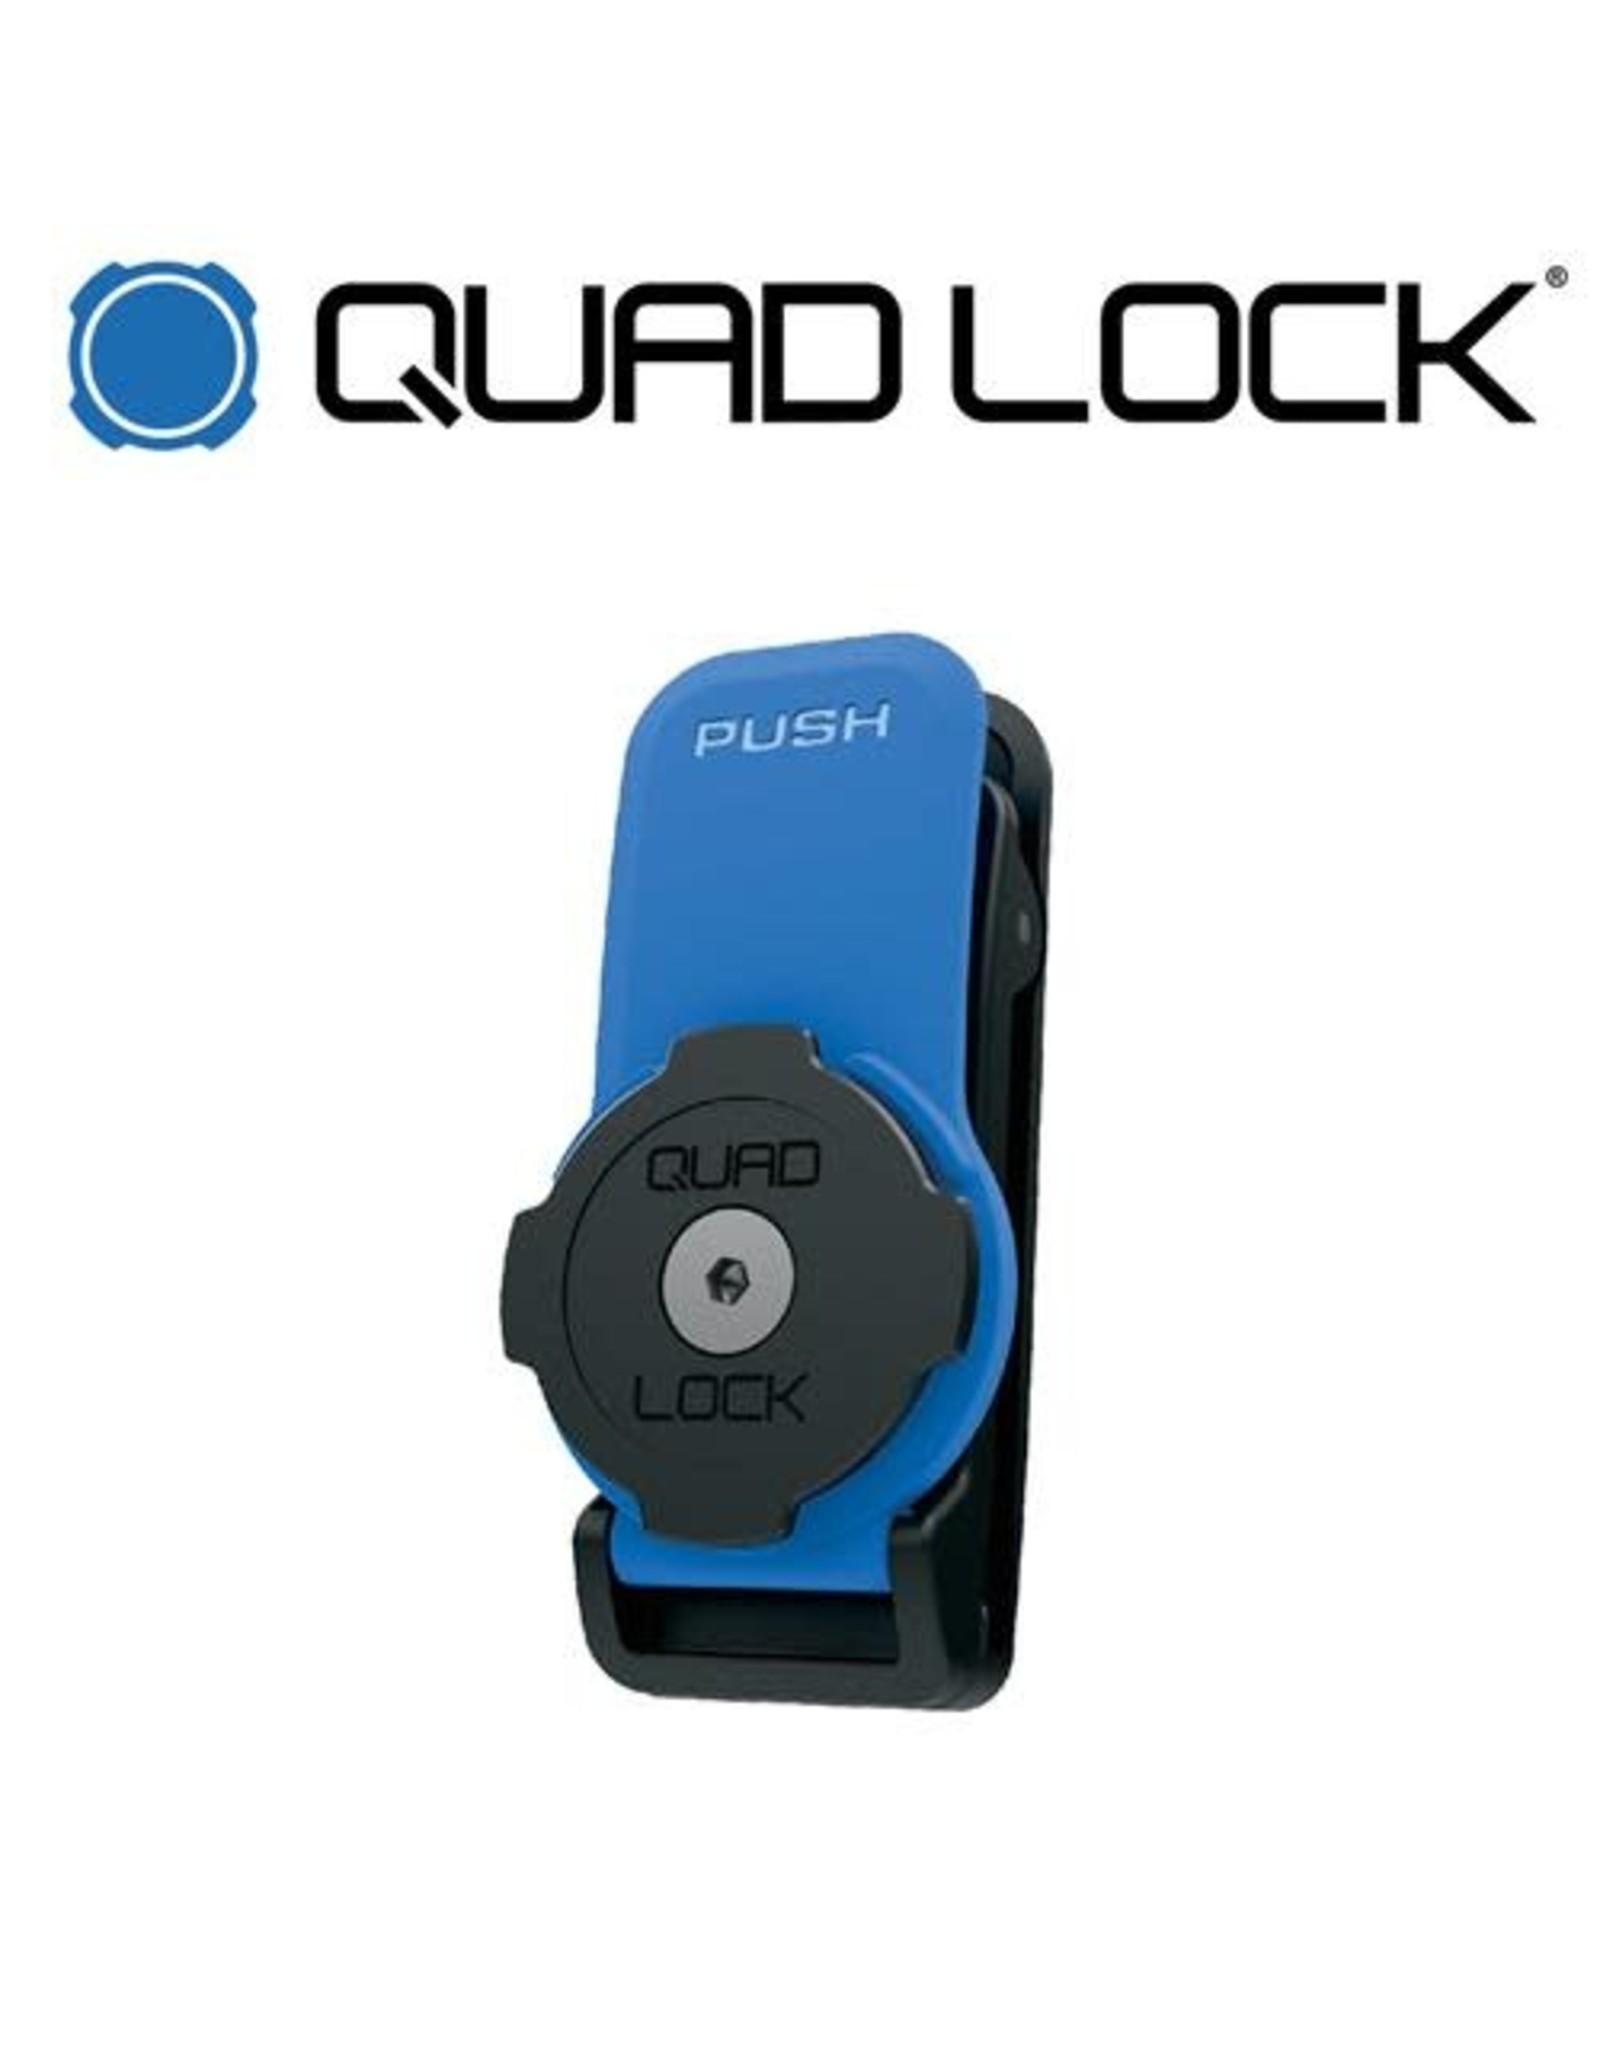 QUAD LOCK QUAD LOCK UTILITY/BELT CLIP